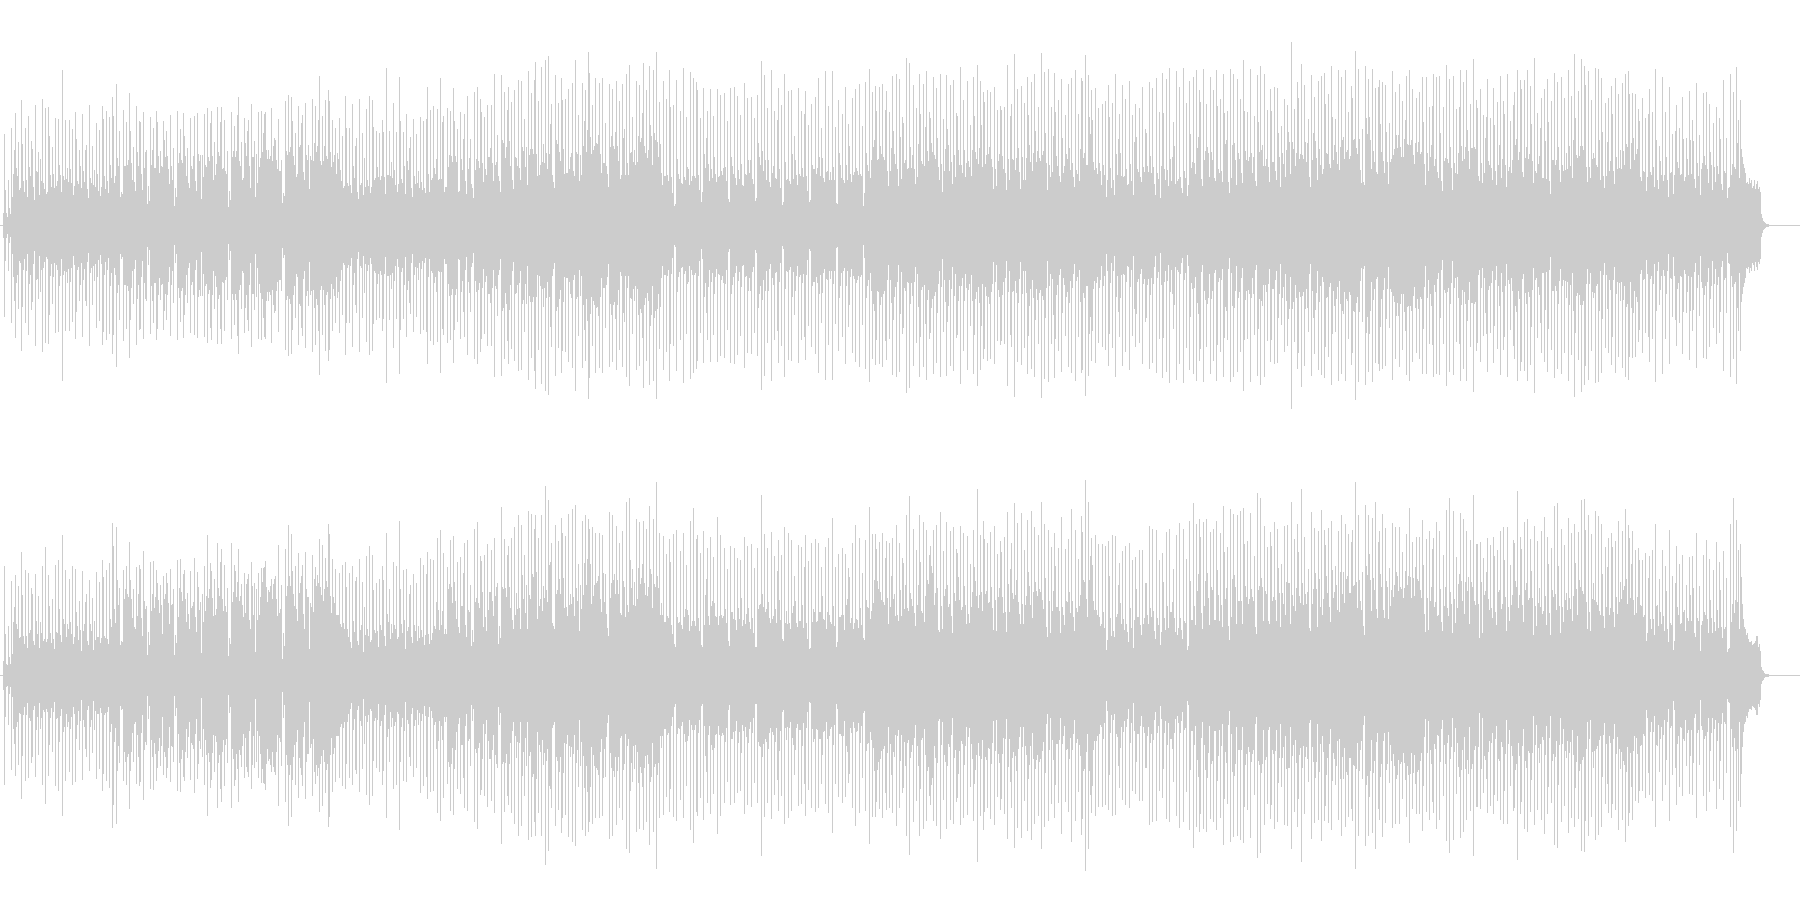 南国気分のスロー・レゲェ系ポップの未再生の波形